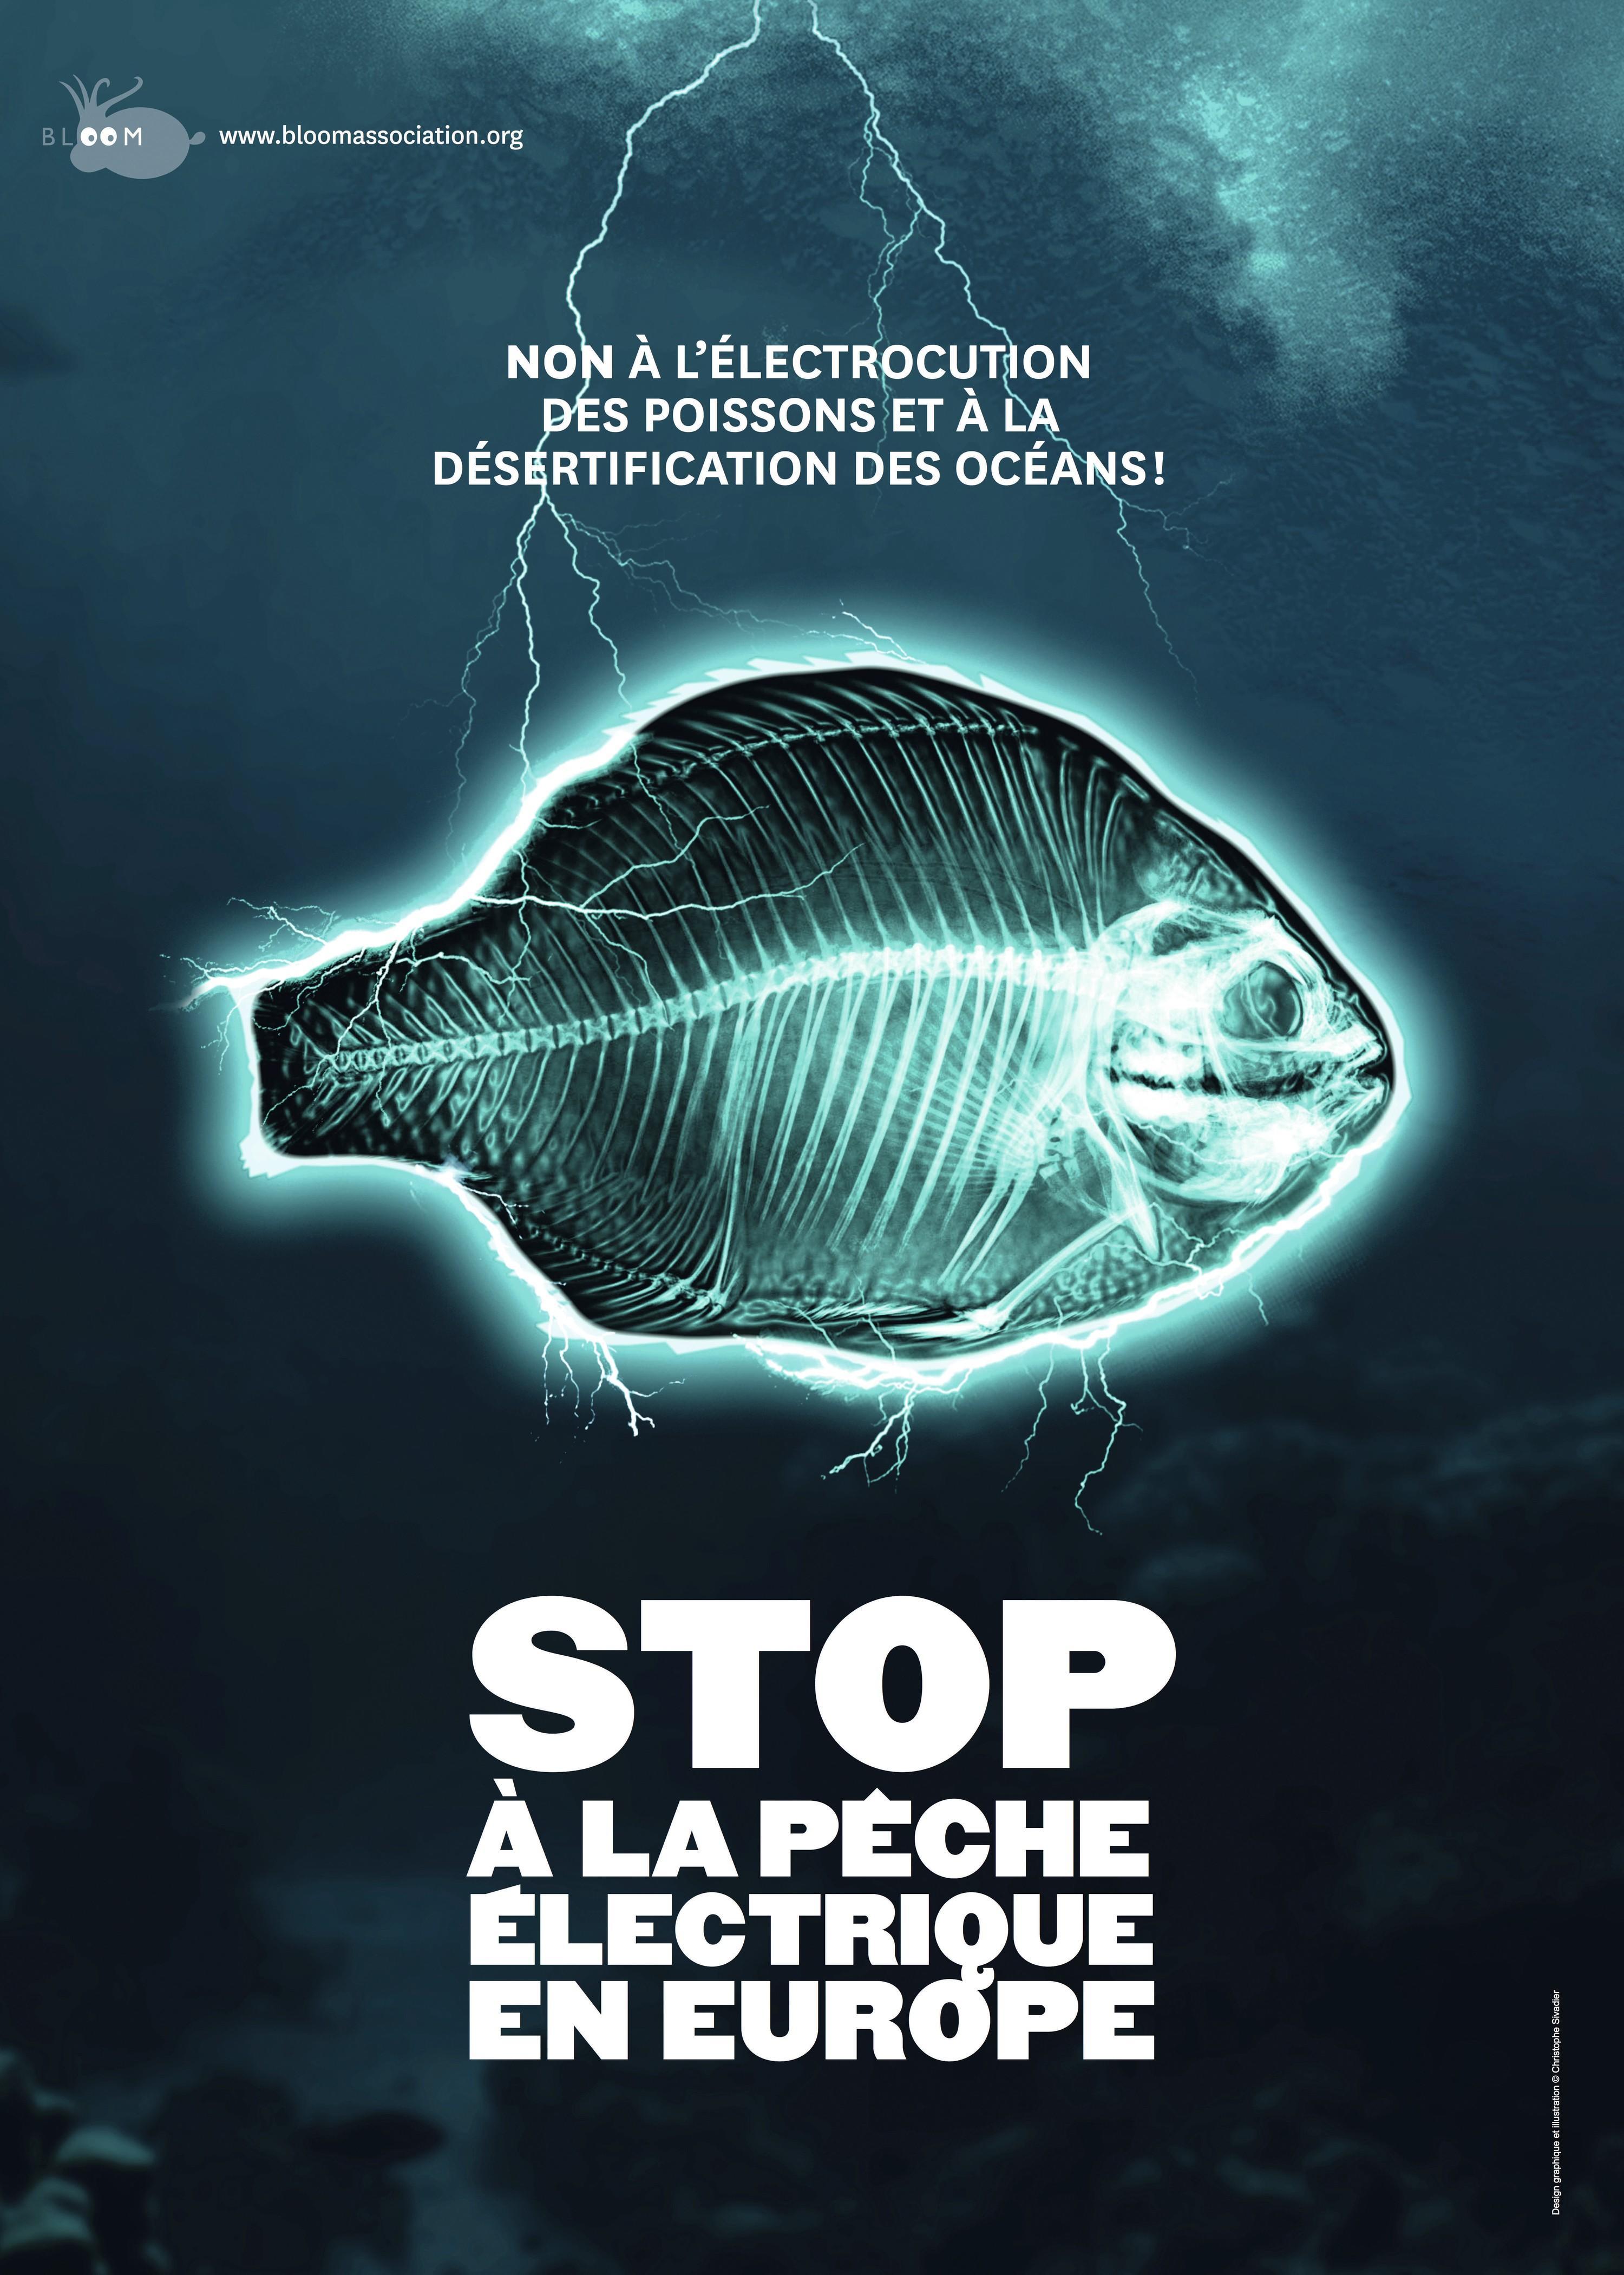 Campagne de l'ONG Bloom contre la peche électrique